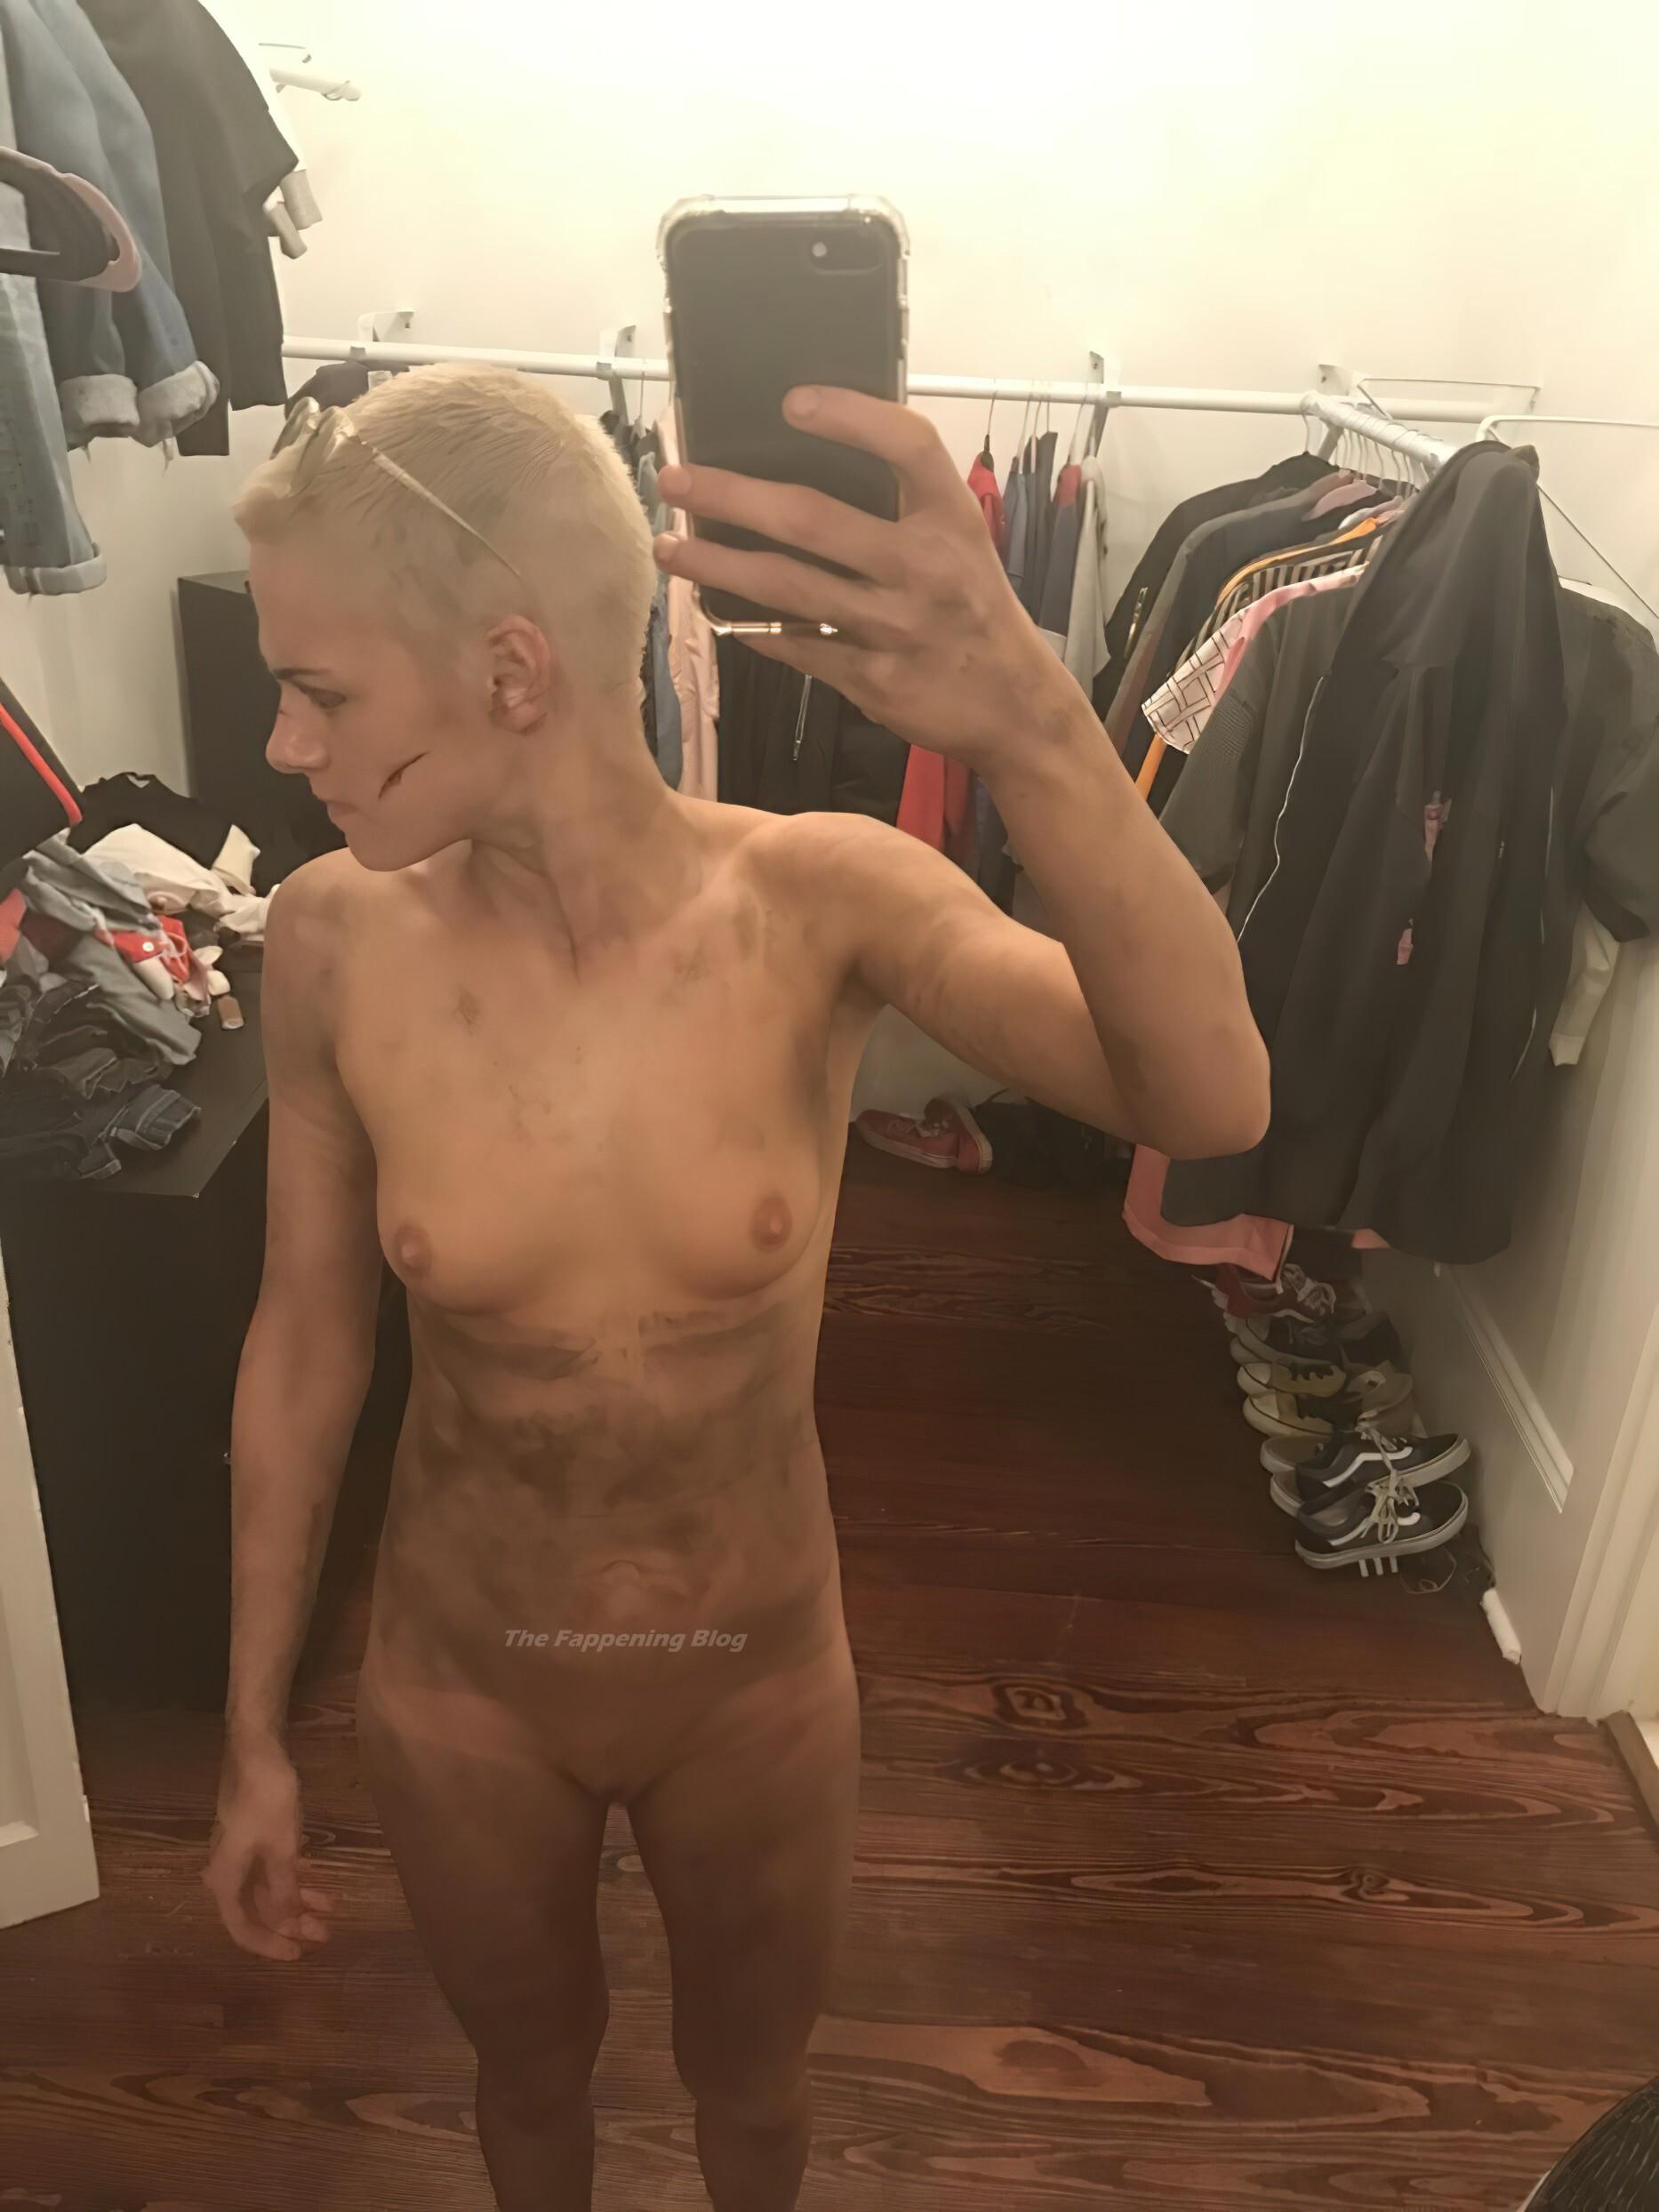 Kristen Stewart Nude Leaked 3 fappenings.com